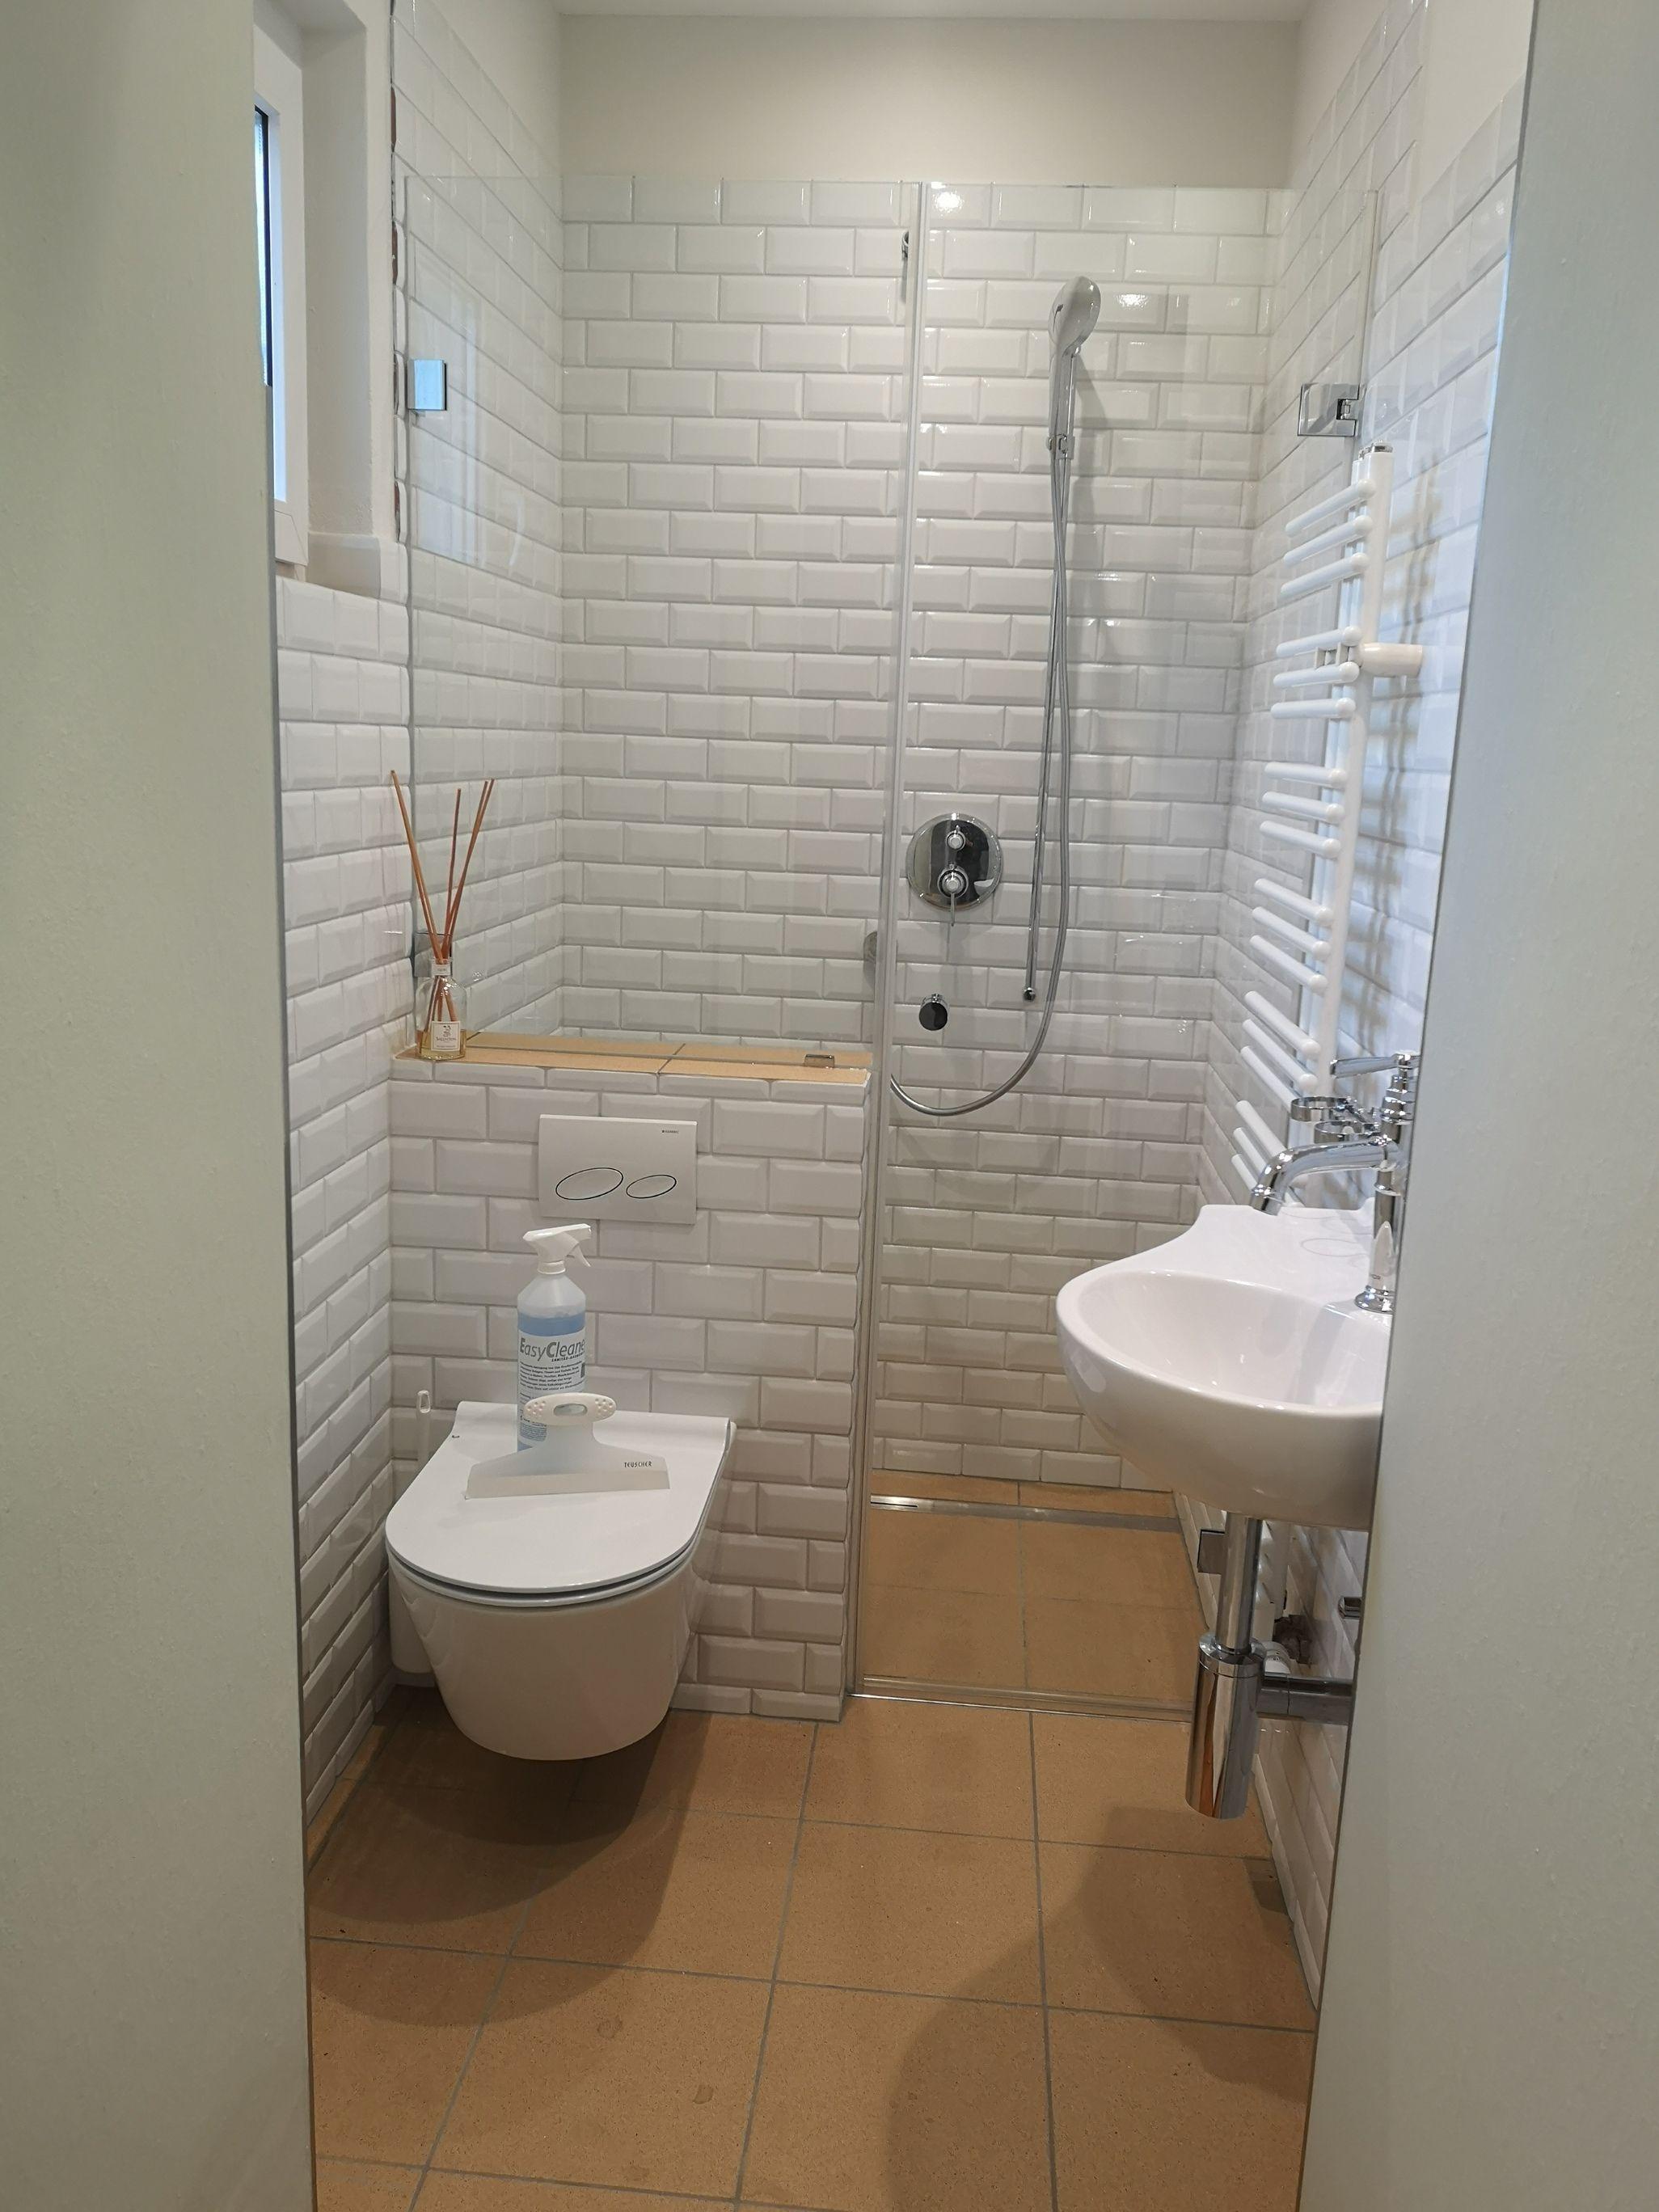 Qualitativ Hochwertige Duschen Aus Echtglas Der Firma In 2020 Weisse Badezimmer Glasduschen Wandverkleidung